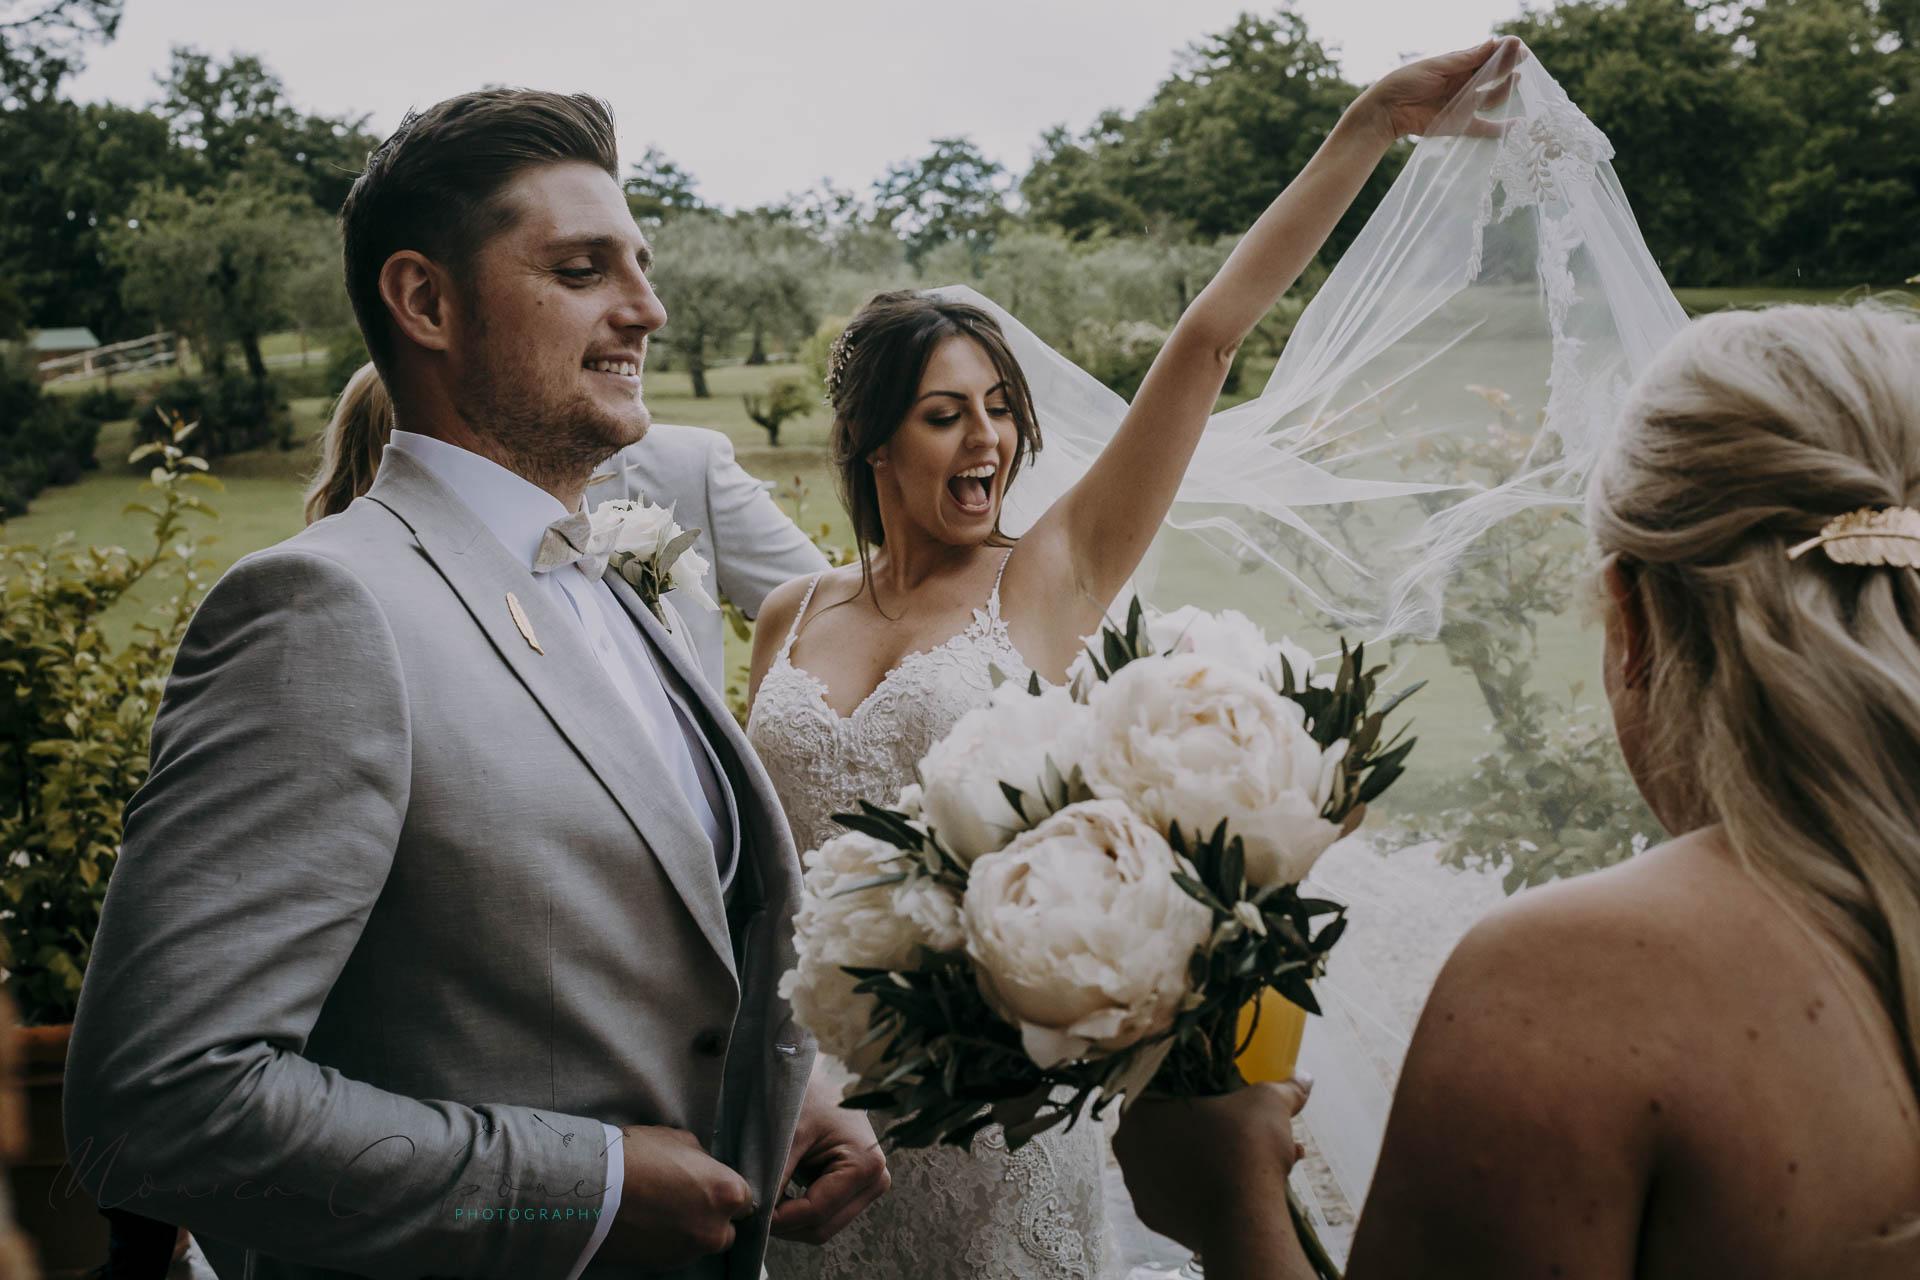 cerco-fotografo-matrimonio-stile-reportage